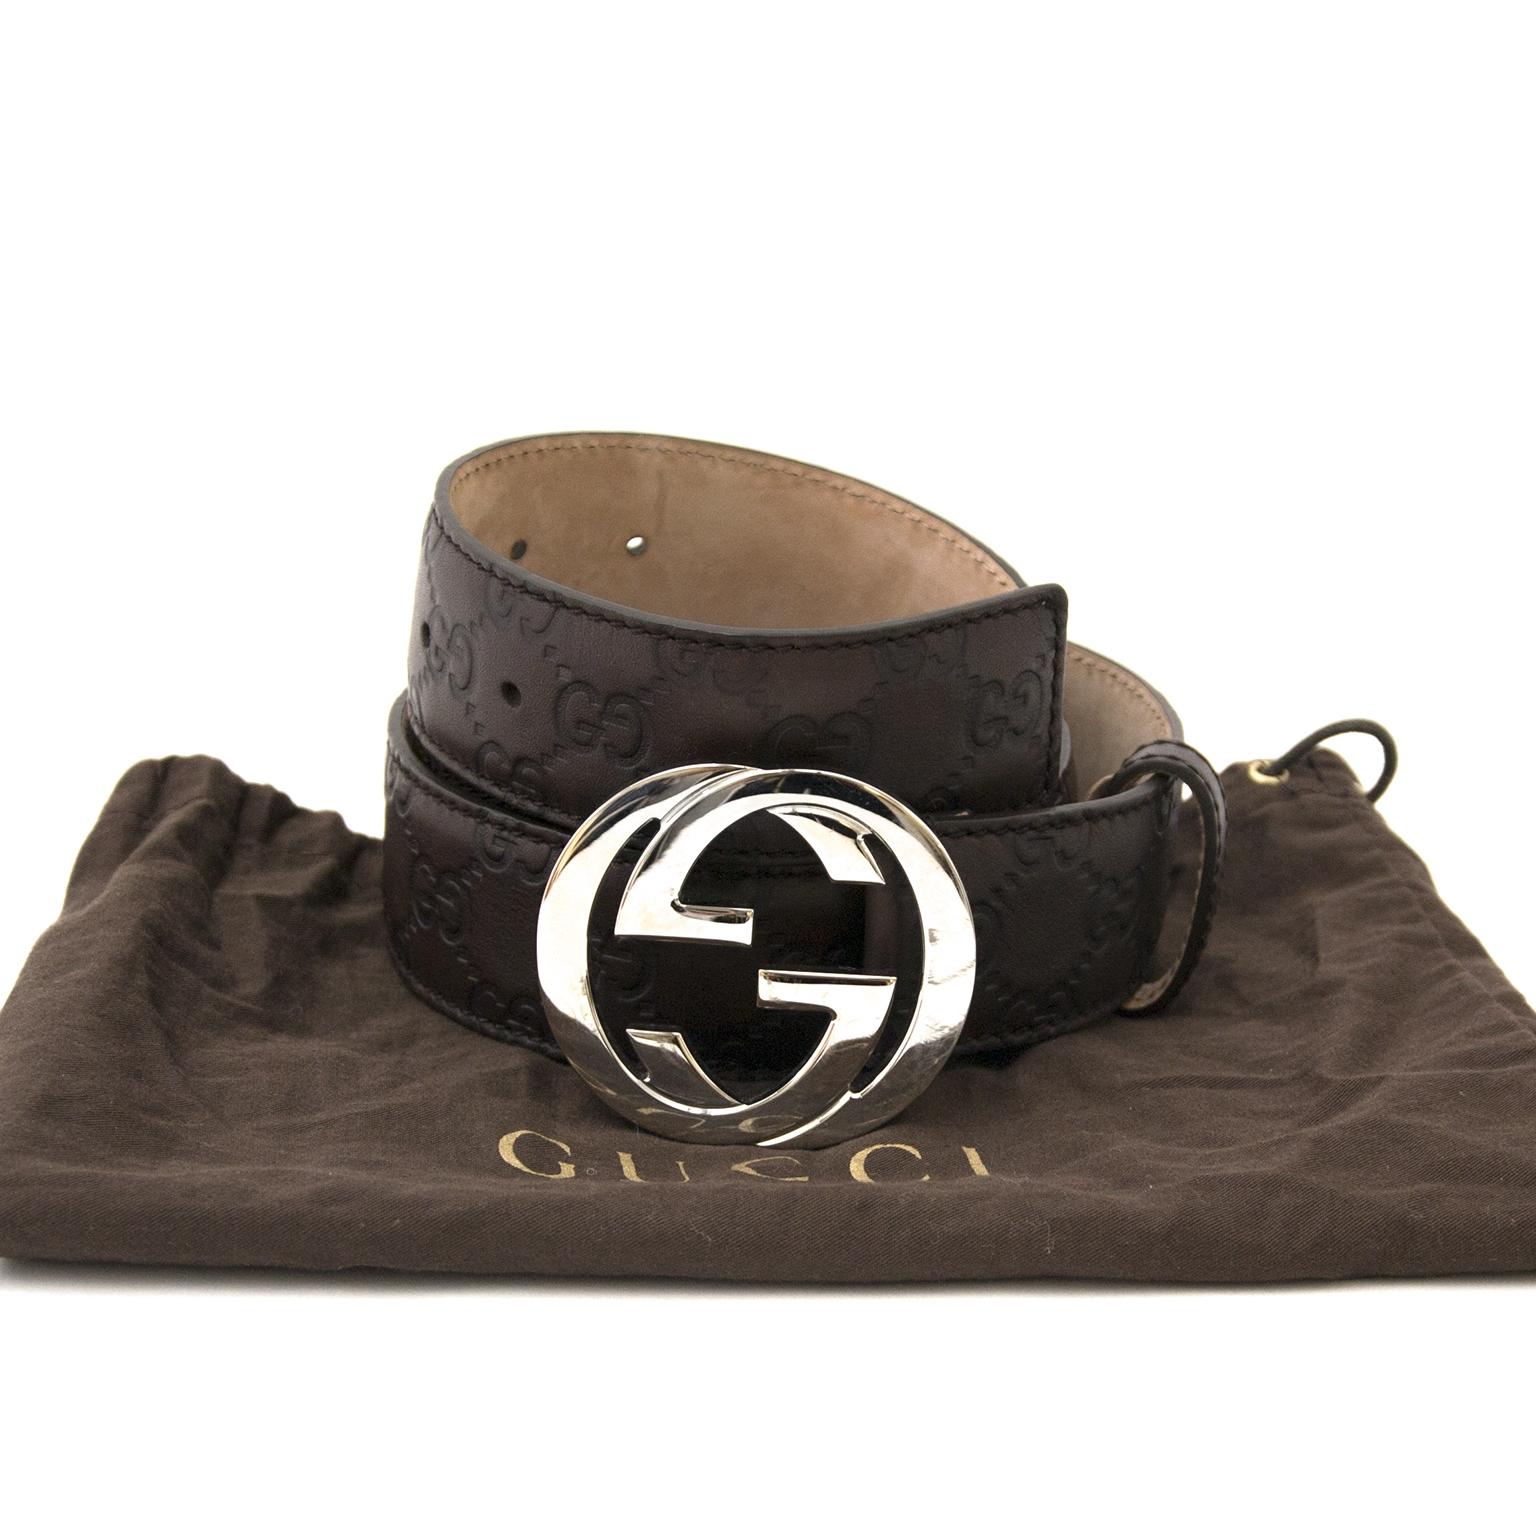 Gucci brun  logo ceinture en cure en ligne chez labellov.com pour le meilleur prix